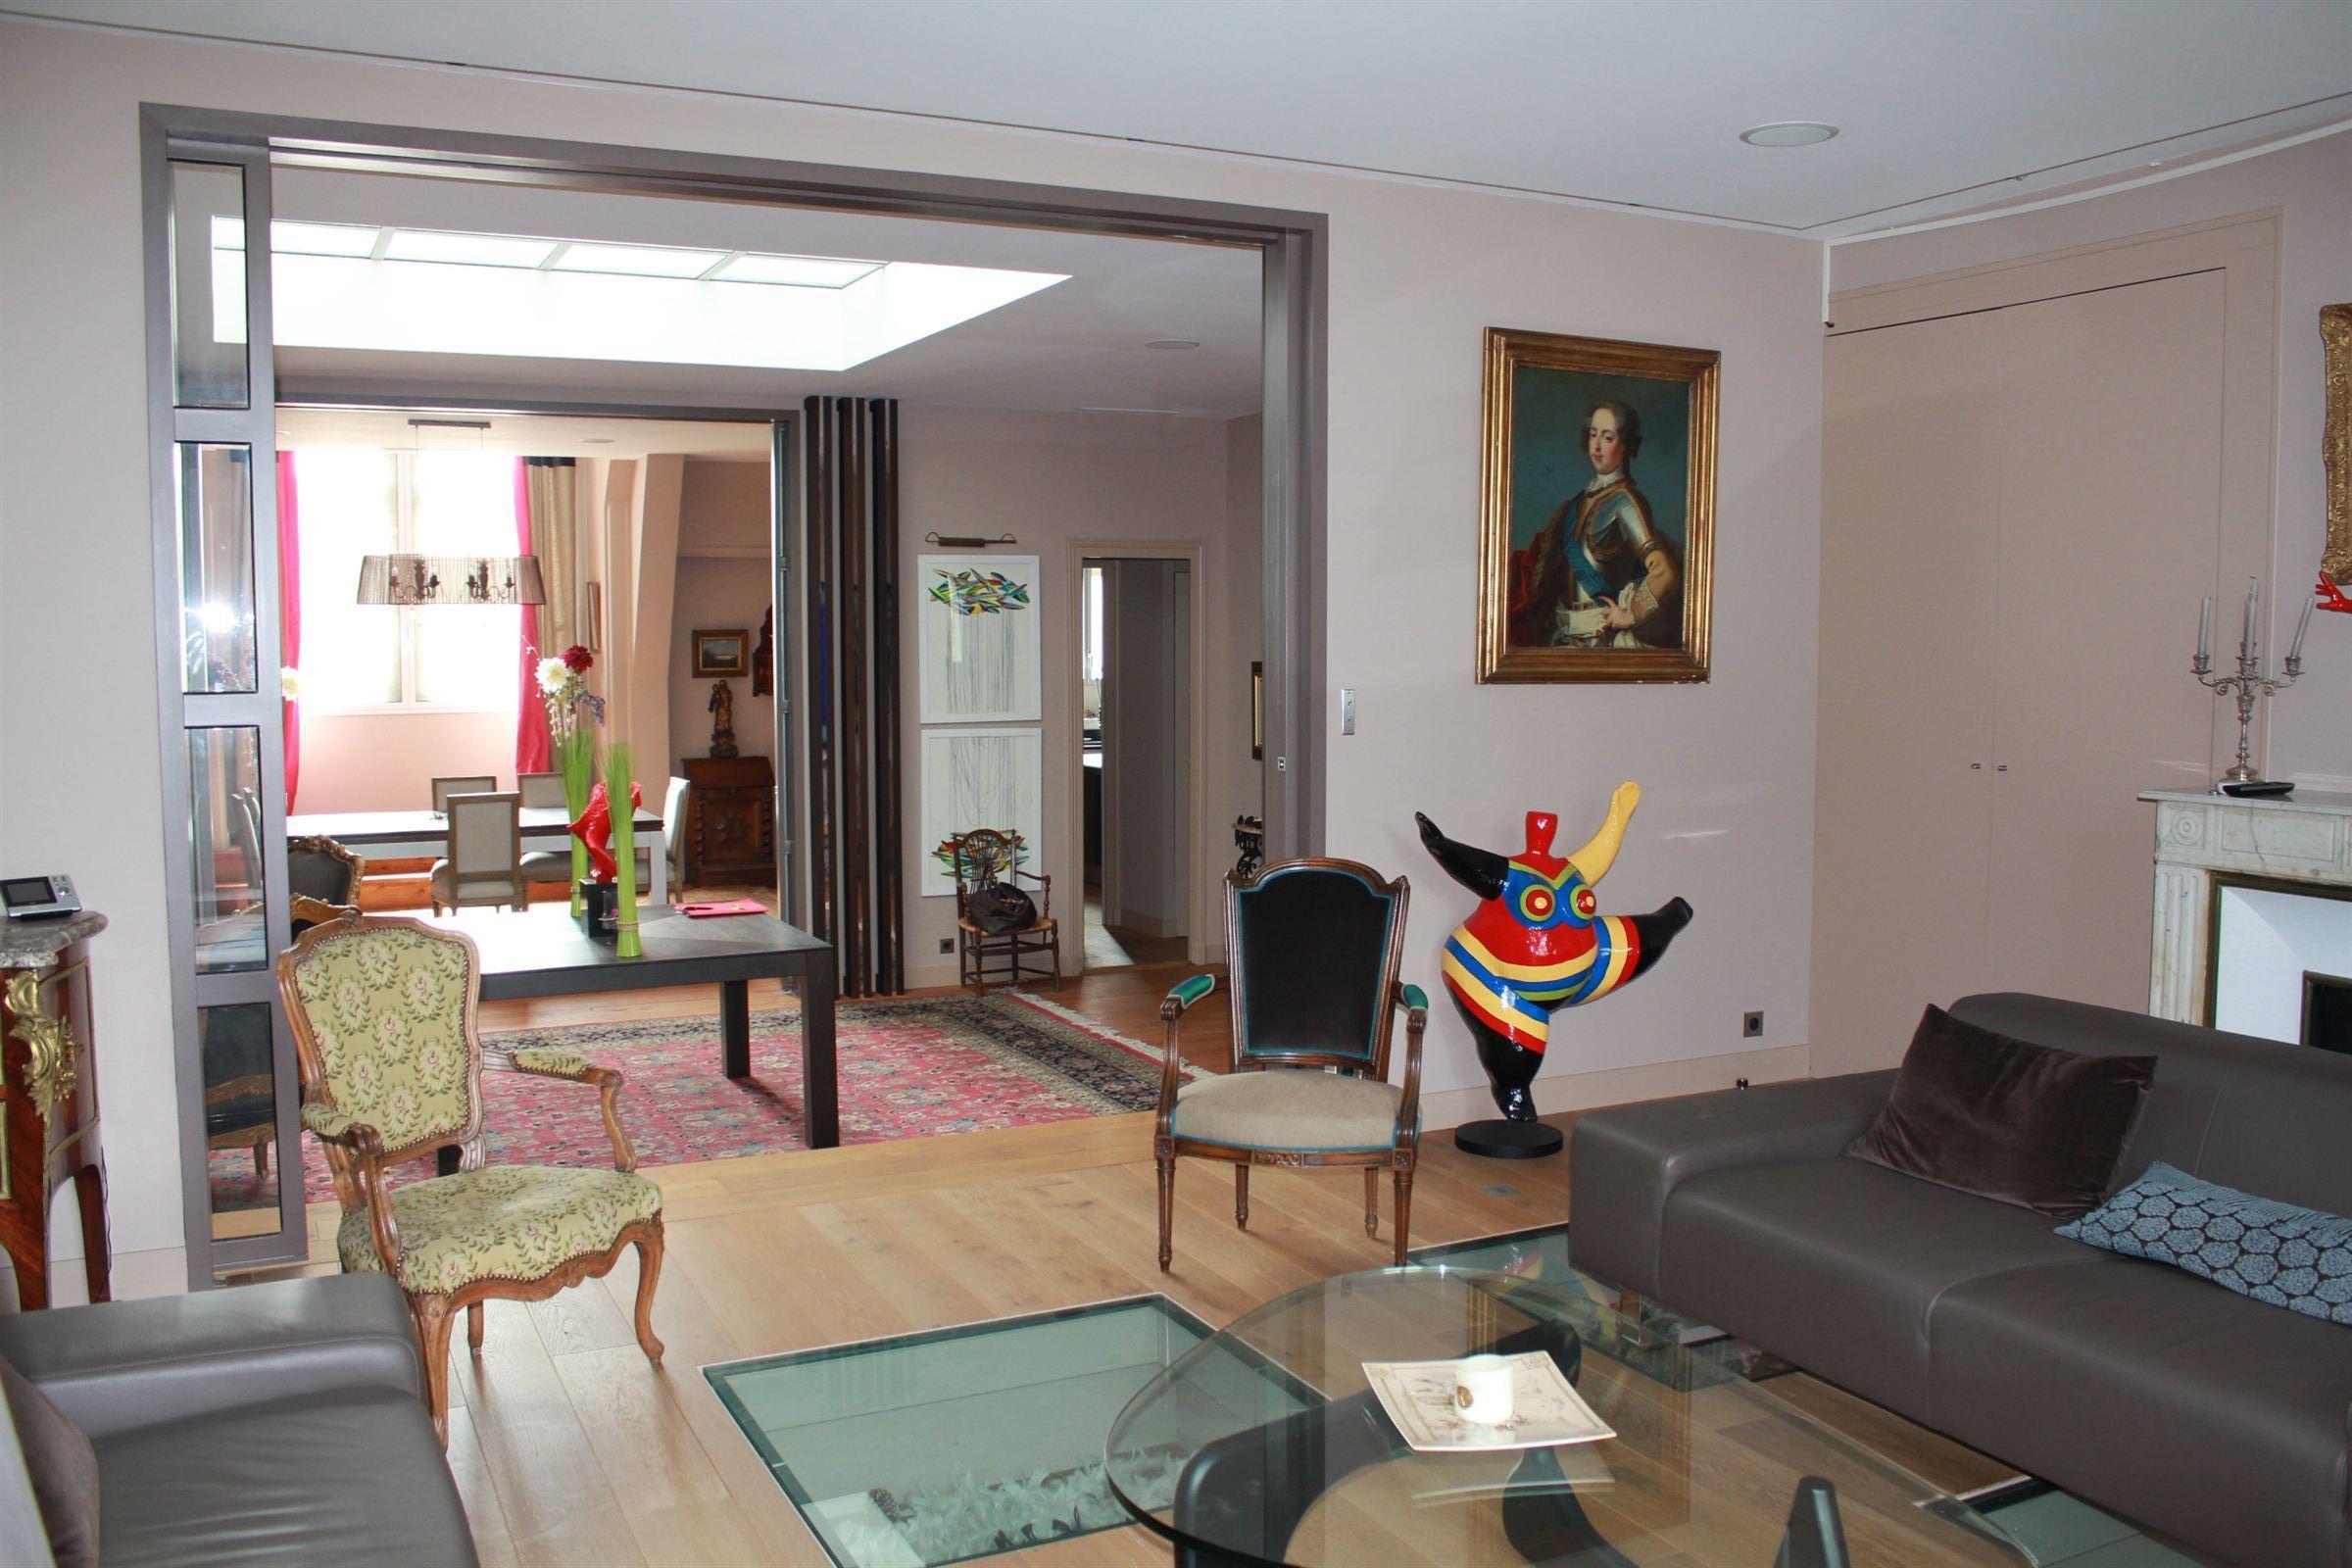 Appartement pour l Vente à BORDEAUX - PUBLIC GARDEN DISTRICT - GORGEOUS PENTHOUSE Bordeaux, Aquitaine 33000 France